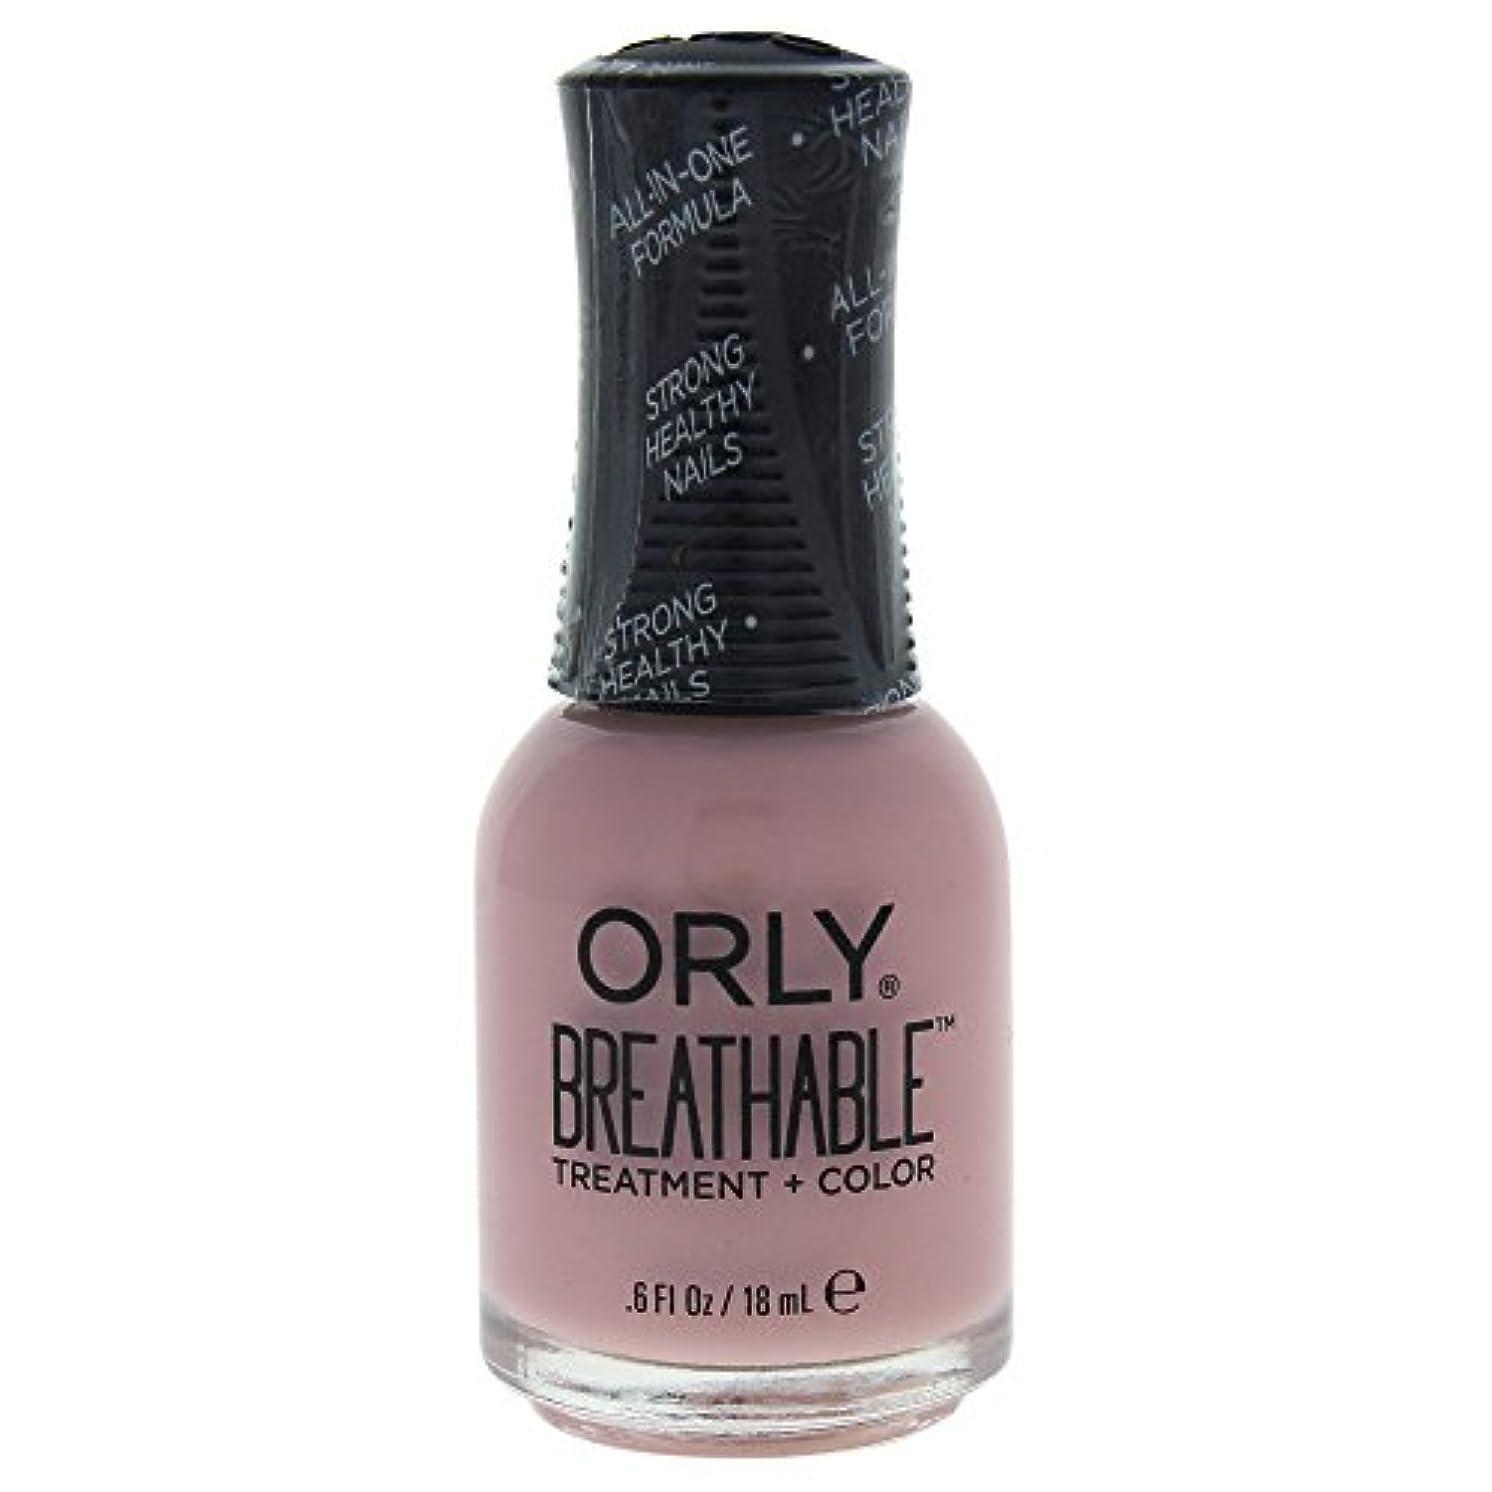 敵高尚な深めるOrly Breathable Treatment + Color Nail Lacquer - Sheer Luck - 0.6oz / 18ml